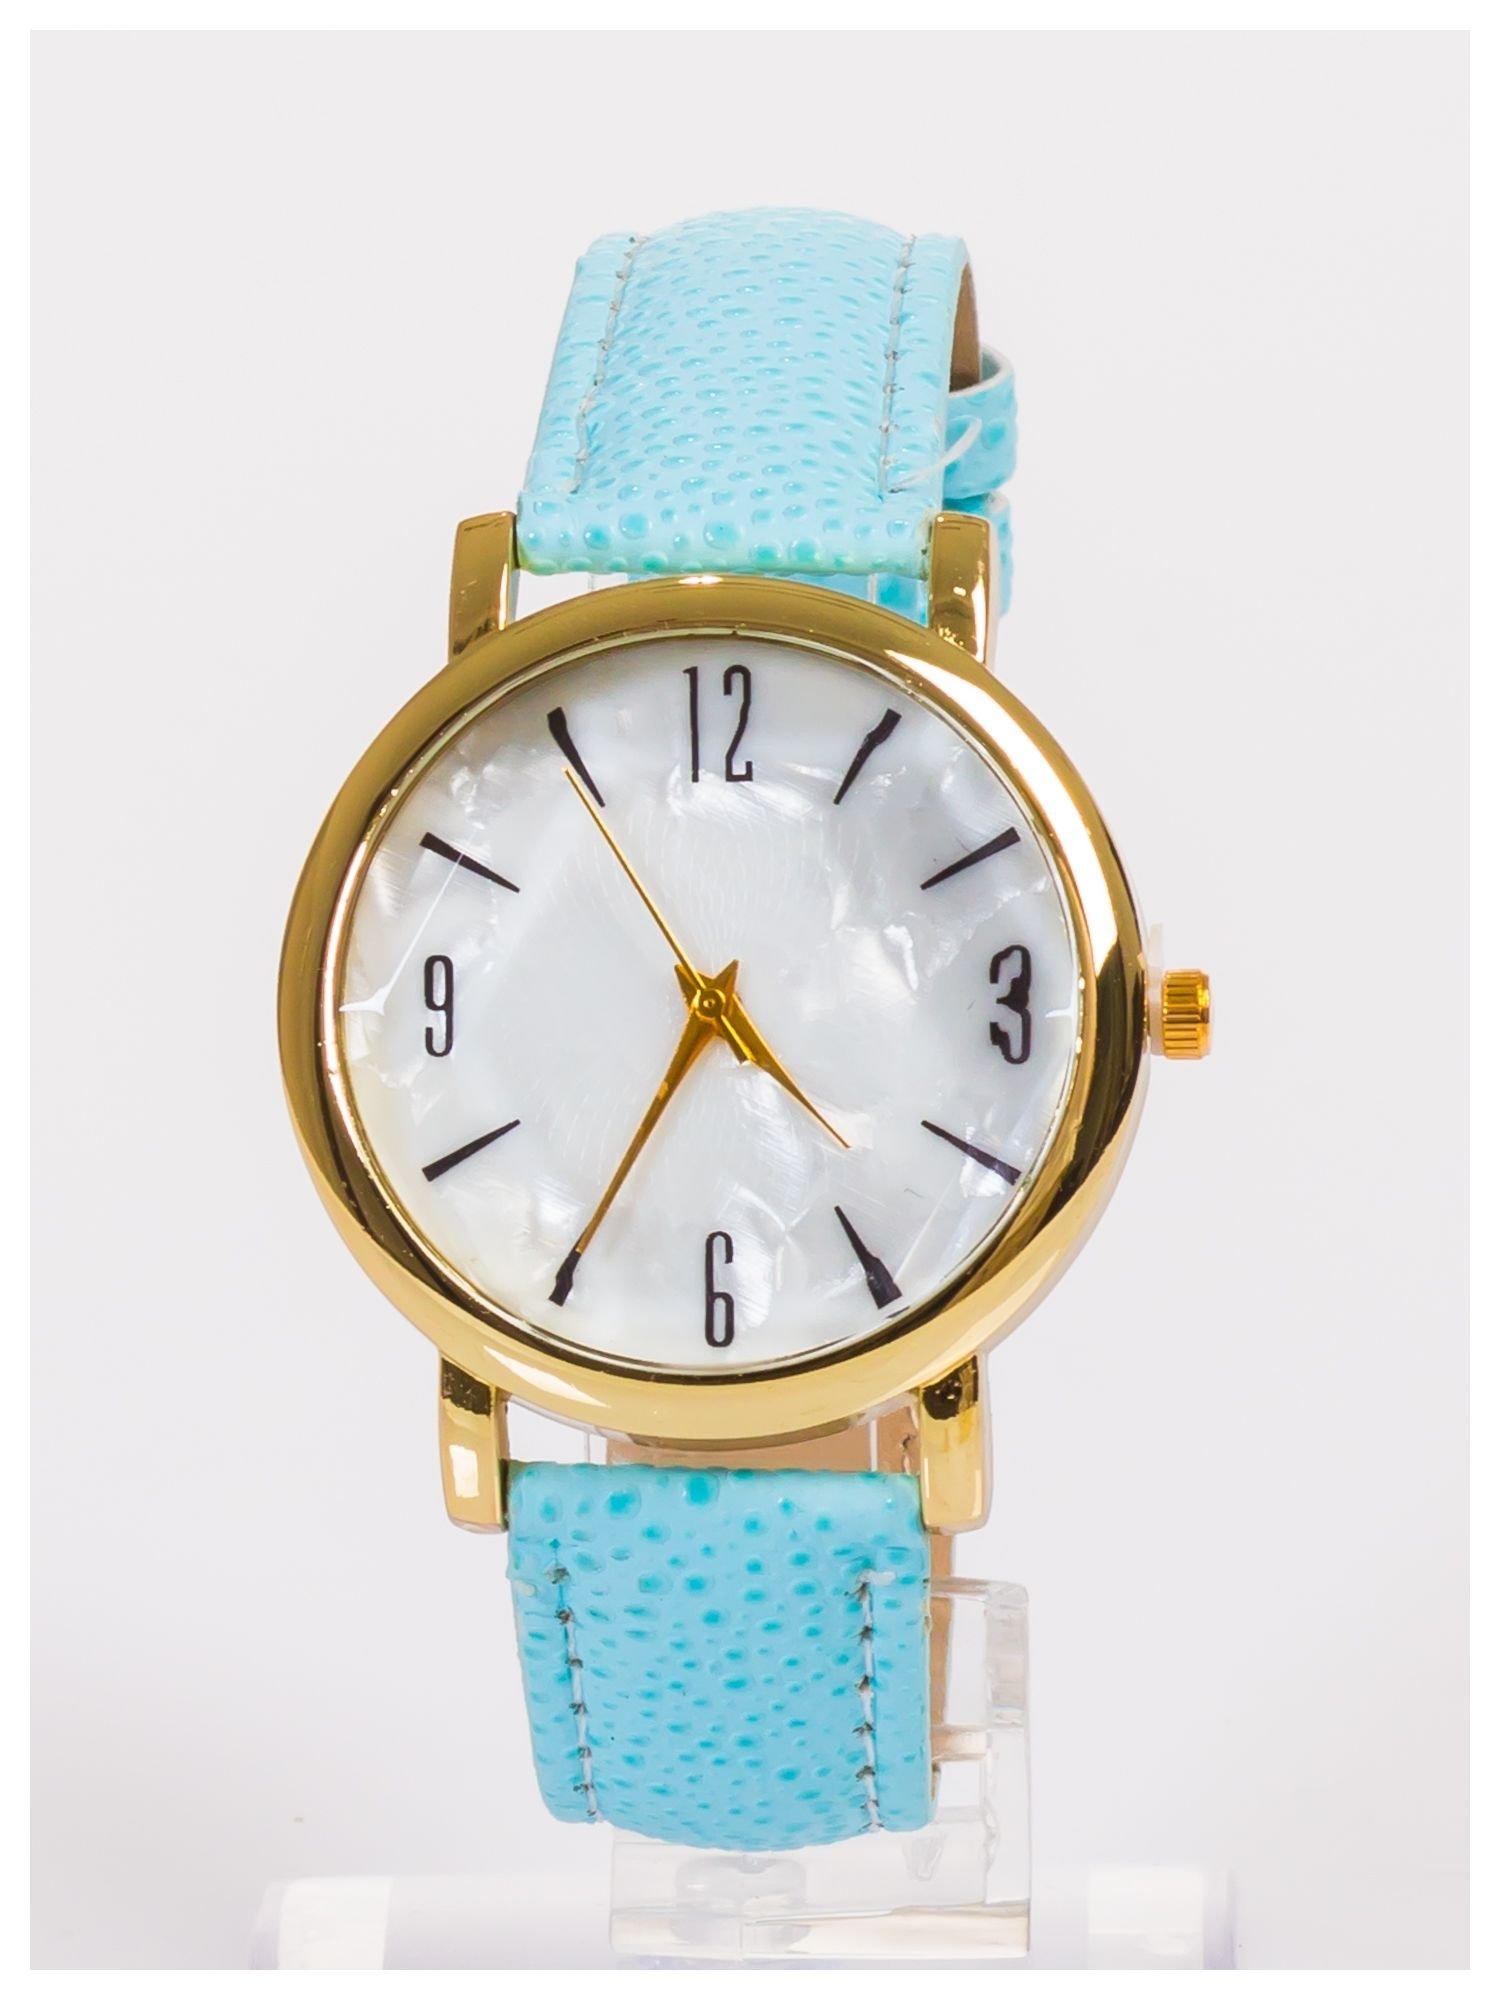 Damski zegarek z dużą i wyraźną perłową tarczą                                  zdj.                                  1